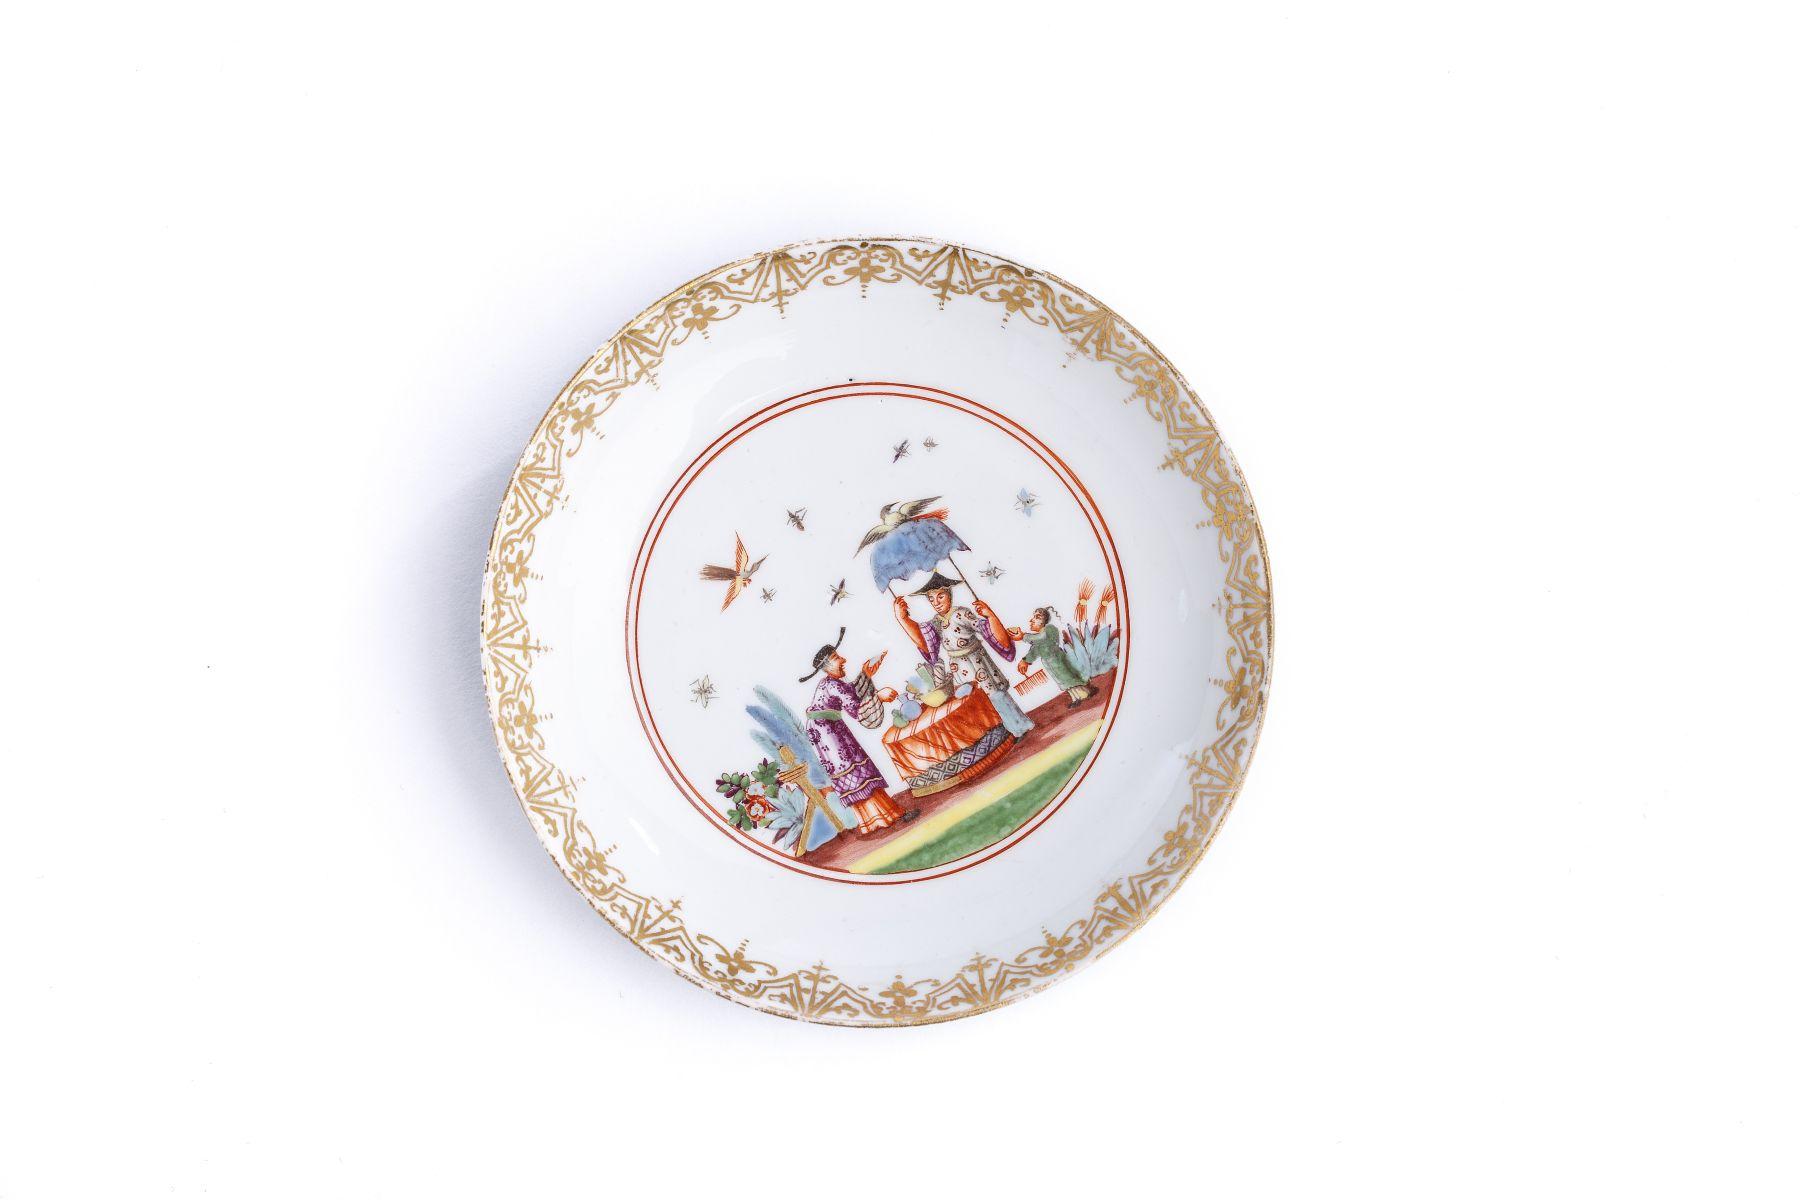 #9 Small saucer, Meissen 1730/35 | Kleine Unterschale, Meissen 1730/35 Image